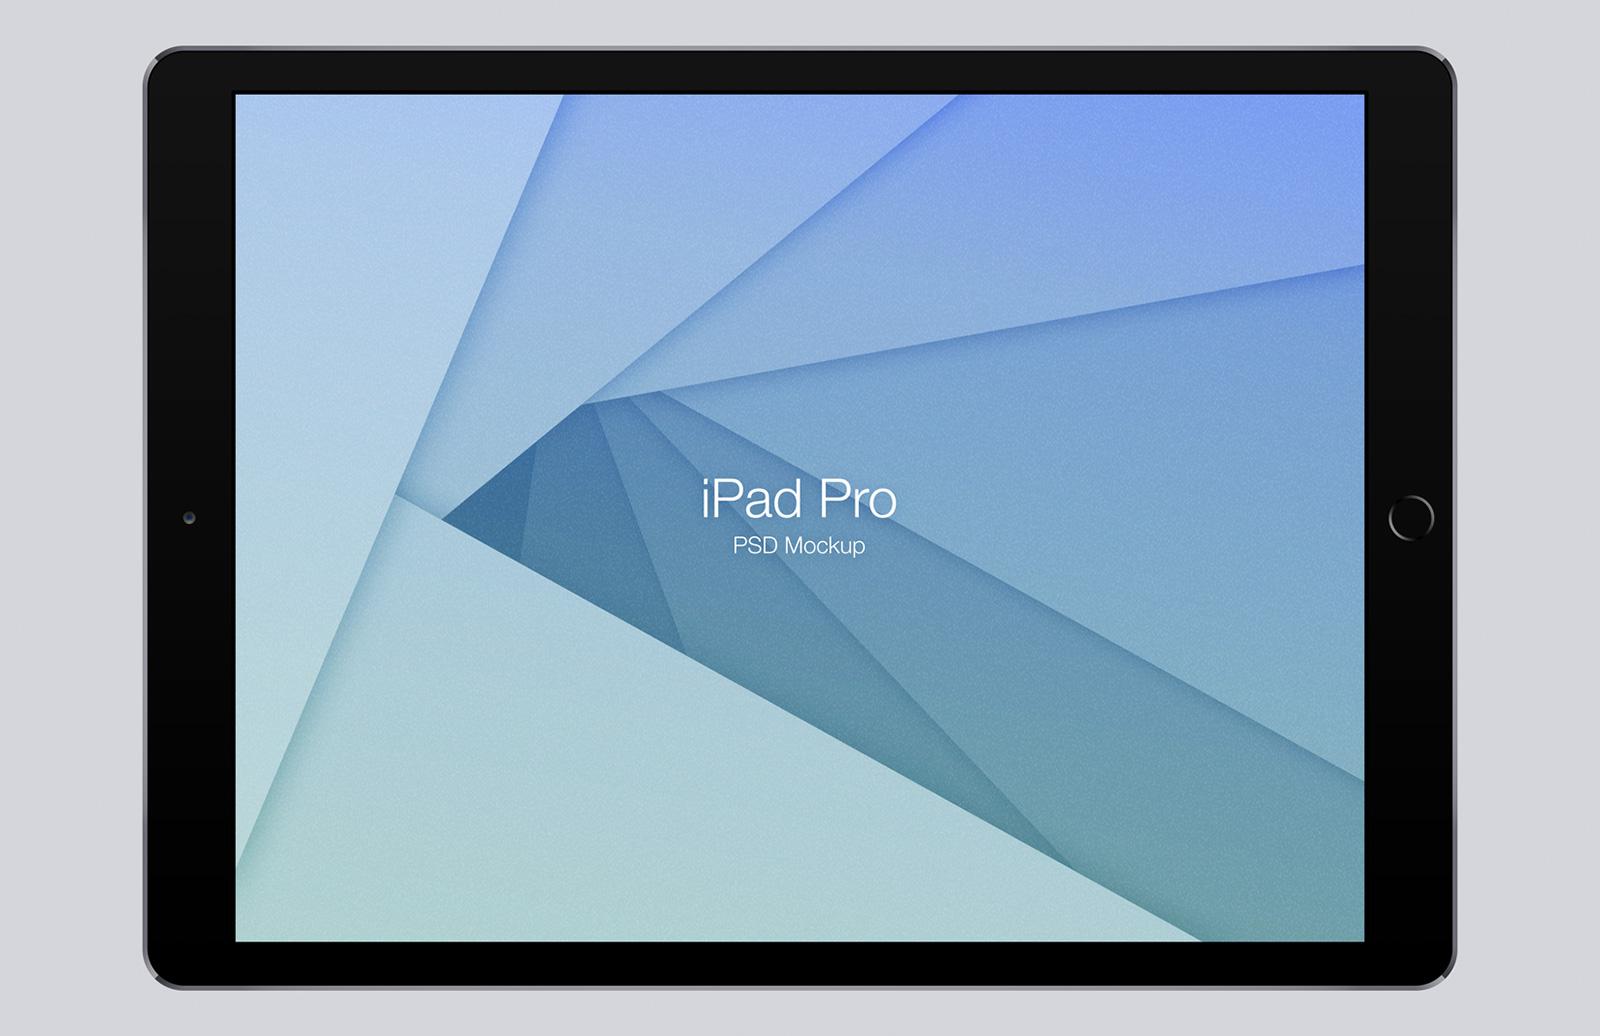 iPad Pro Mockup (Psd) 1